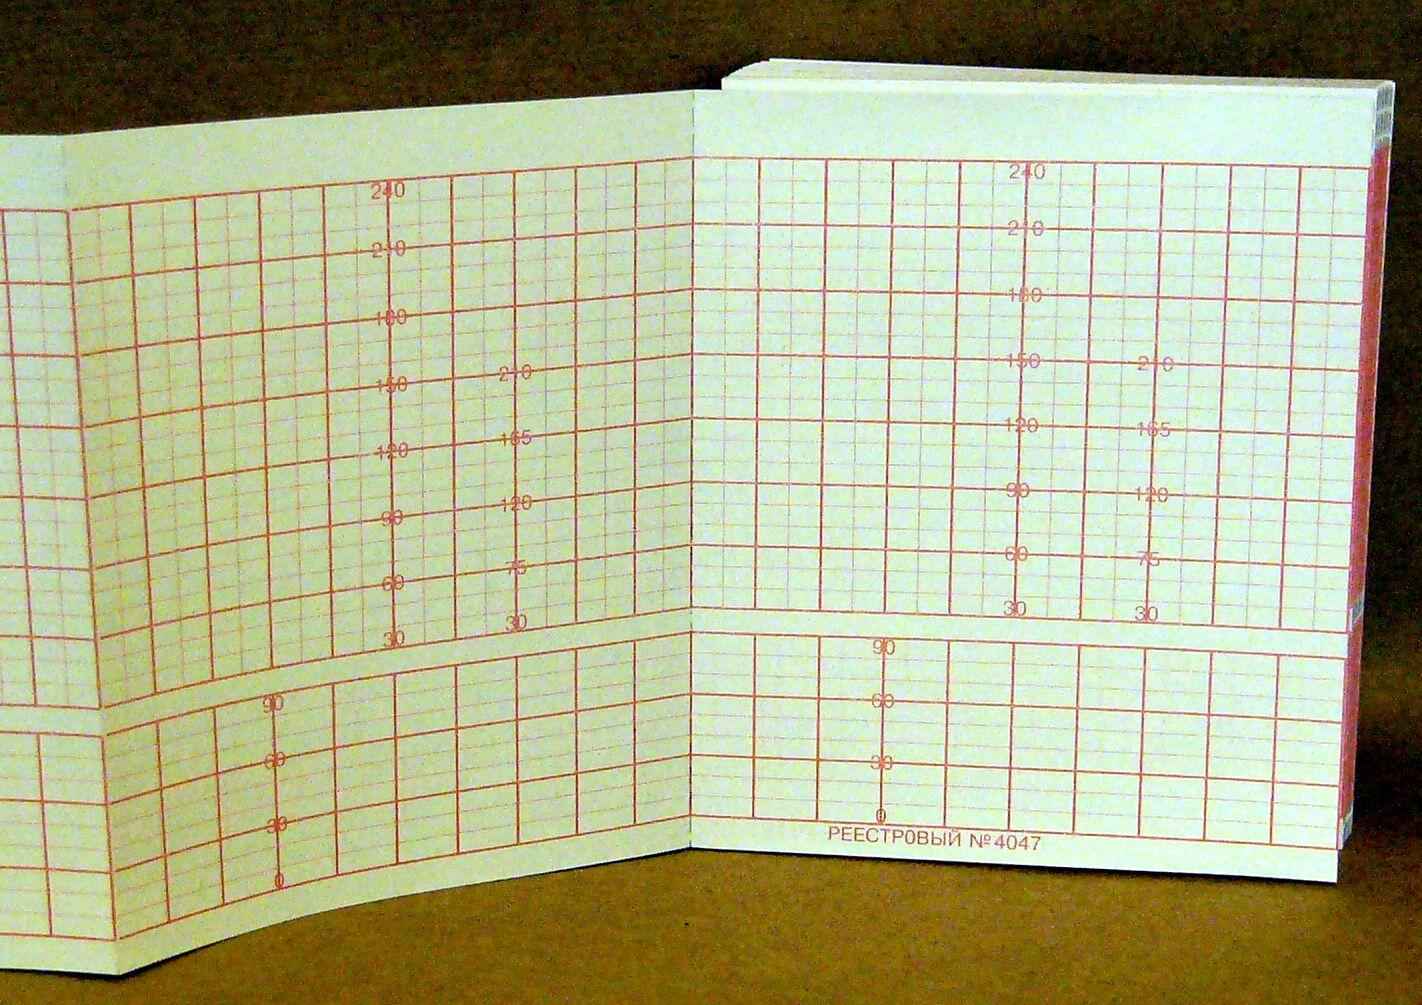 120х100х150, бумага КТГ для ADVANCED FETASCAN, Kontron, реестр 4047